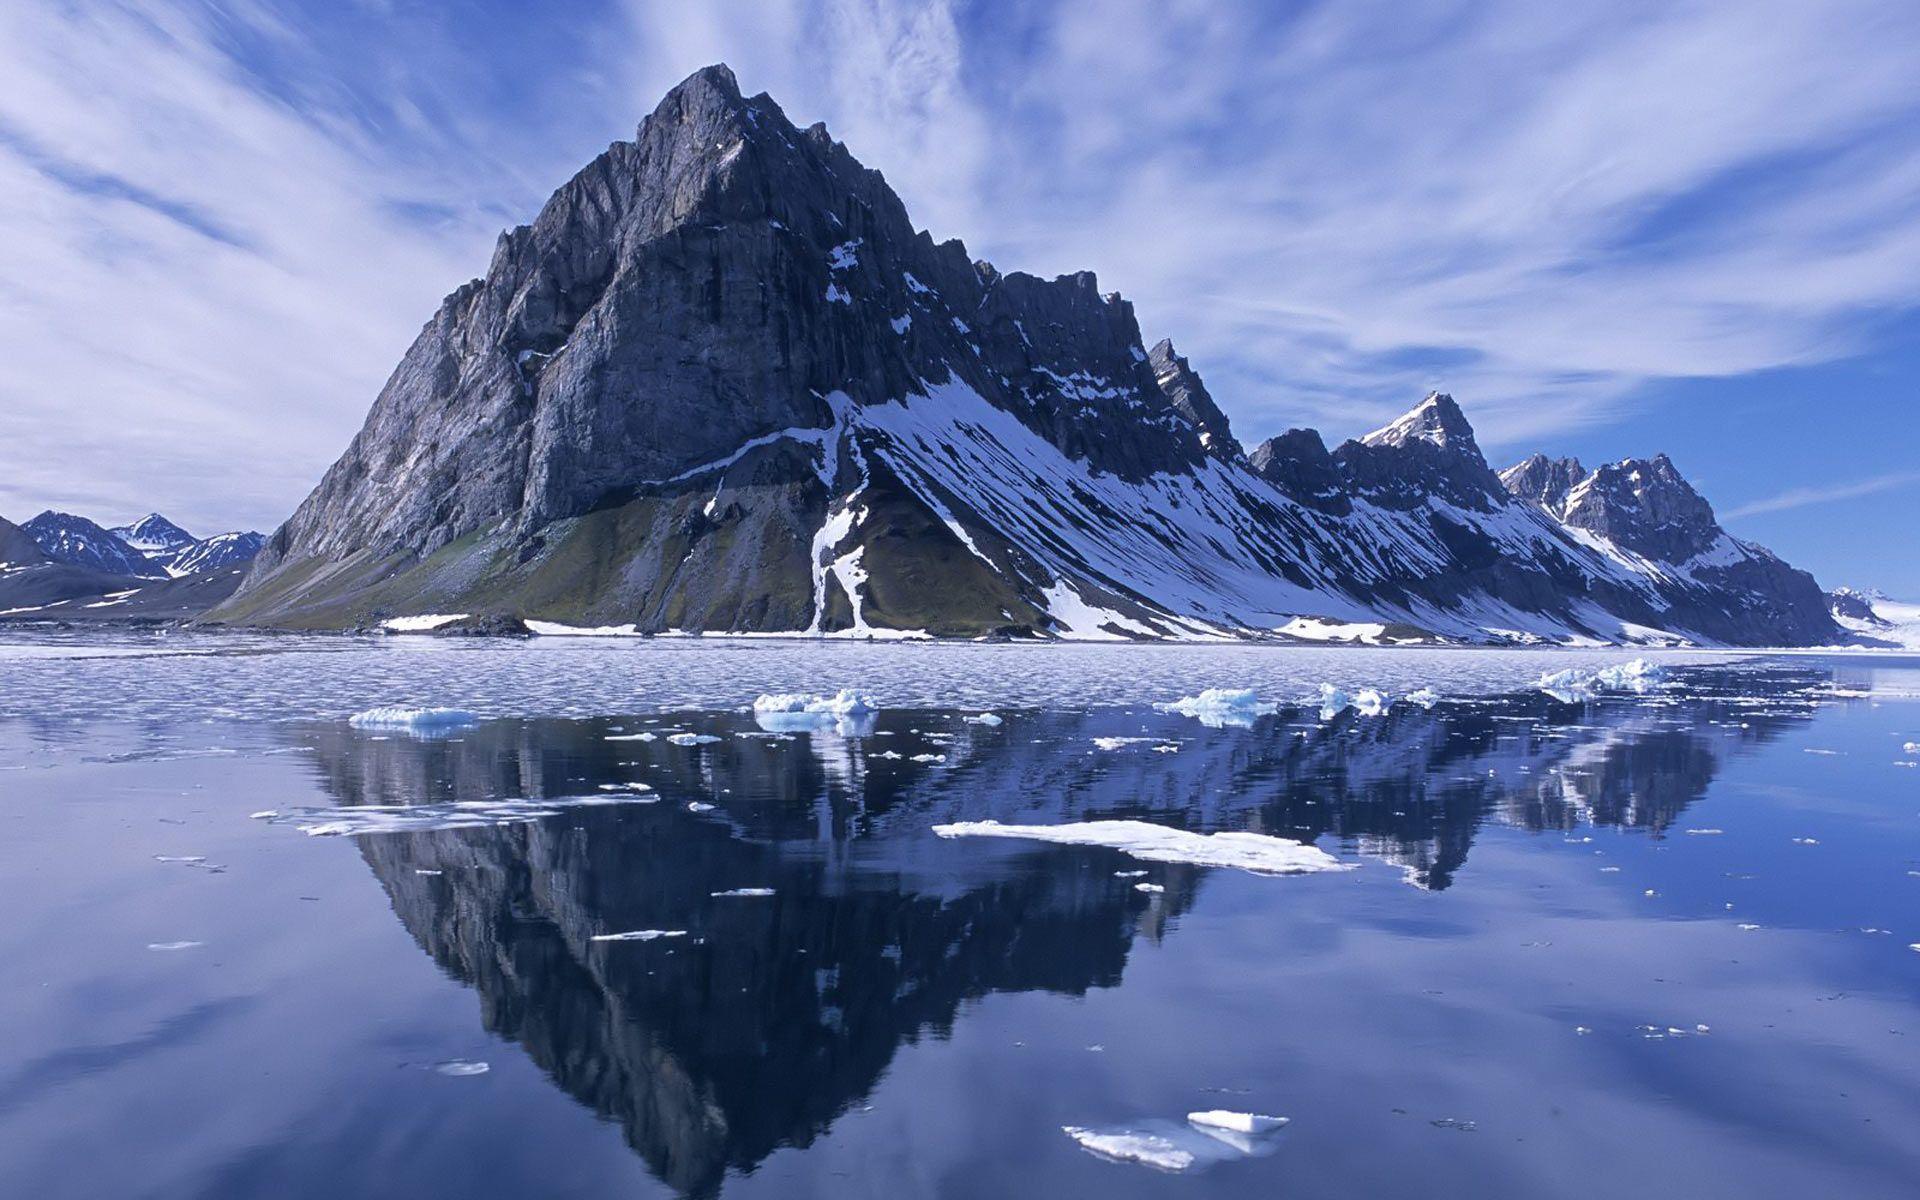 Hình nền núi có độ phân giải cao 1920x1200